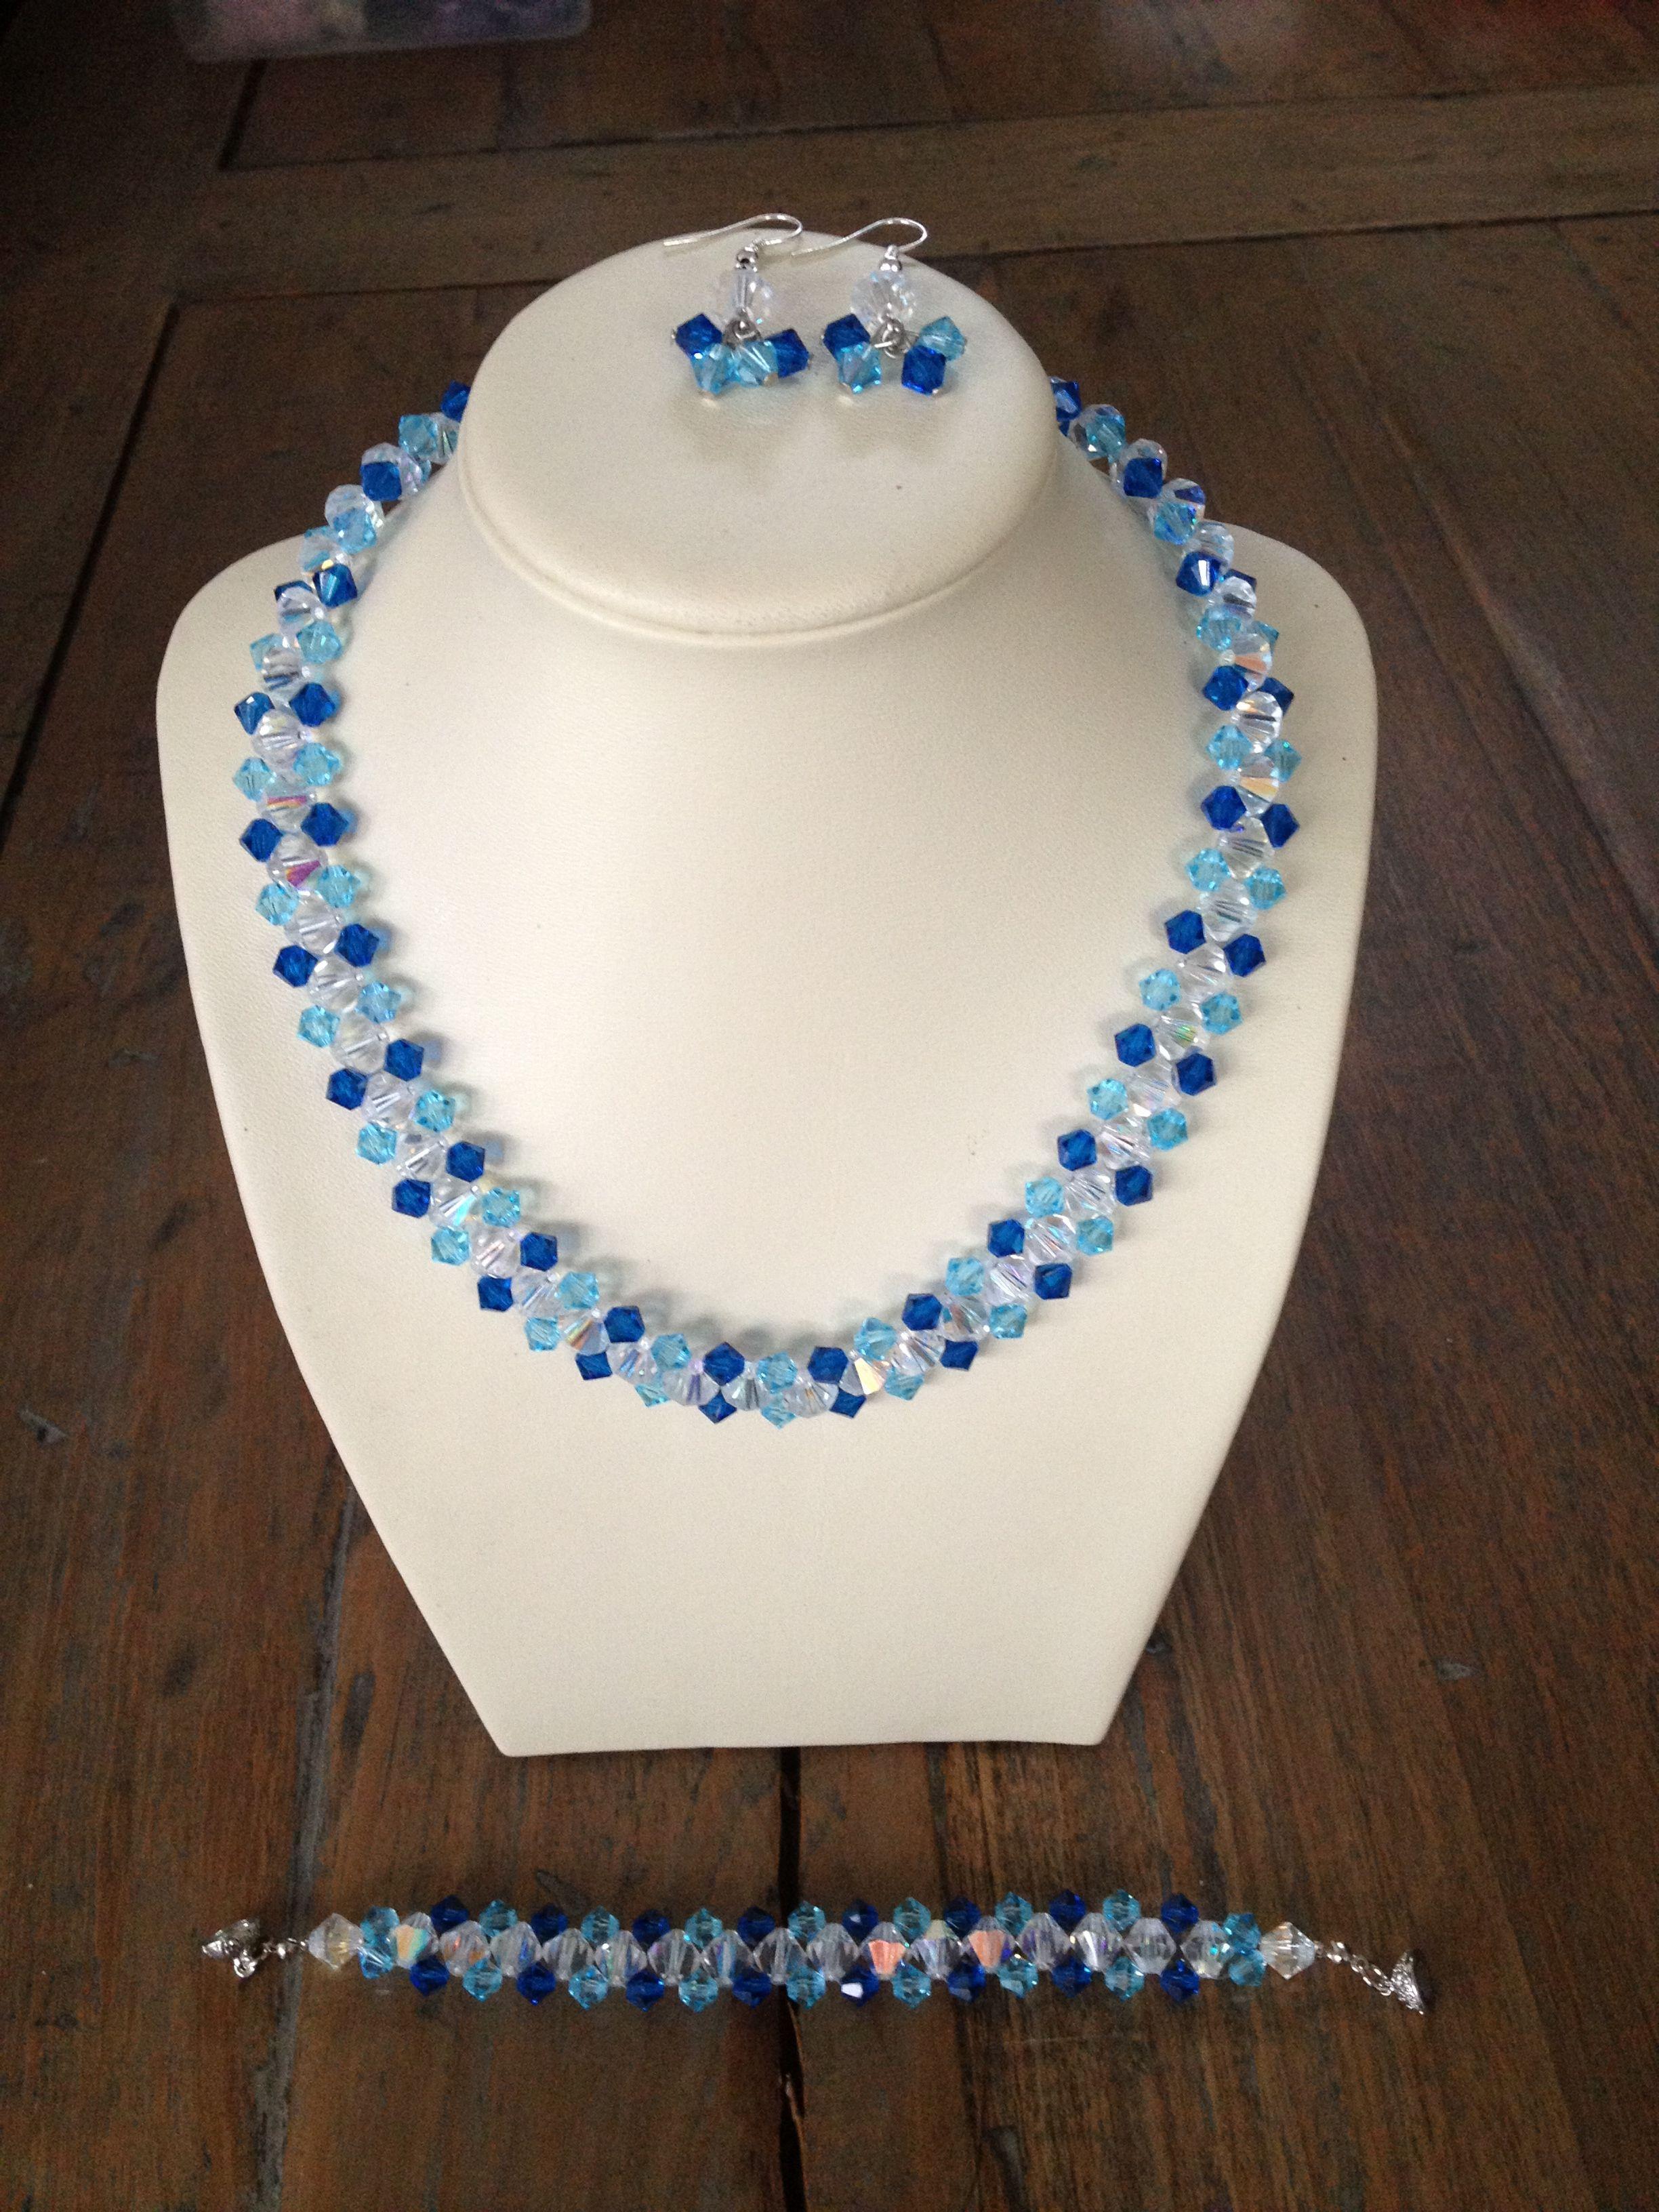 Jewelry set with Swarovski beads